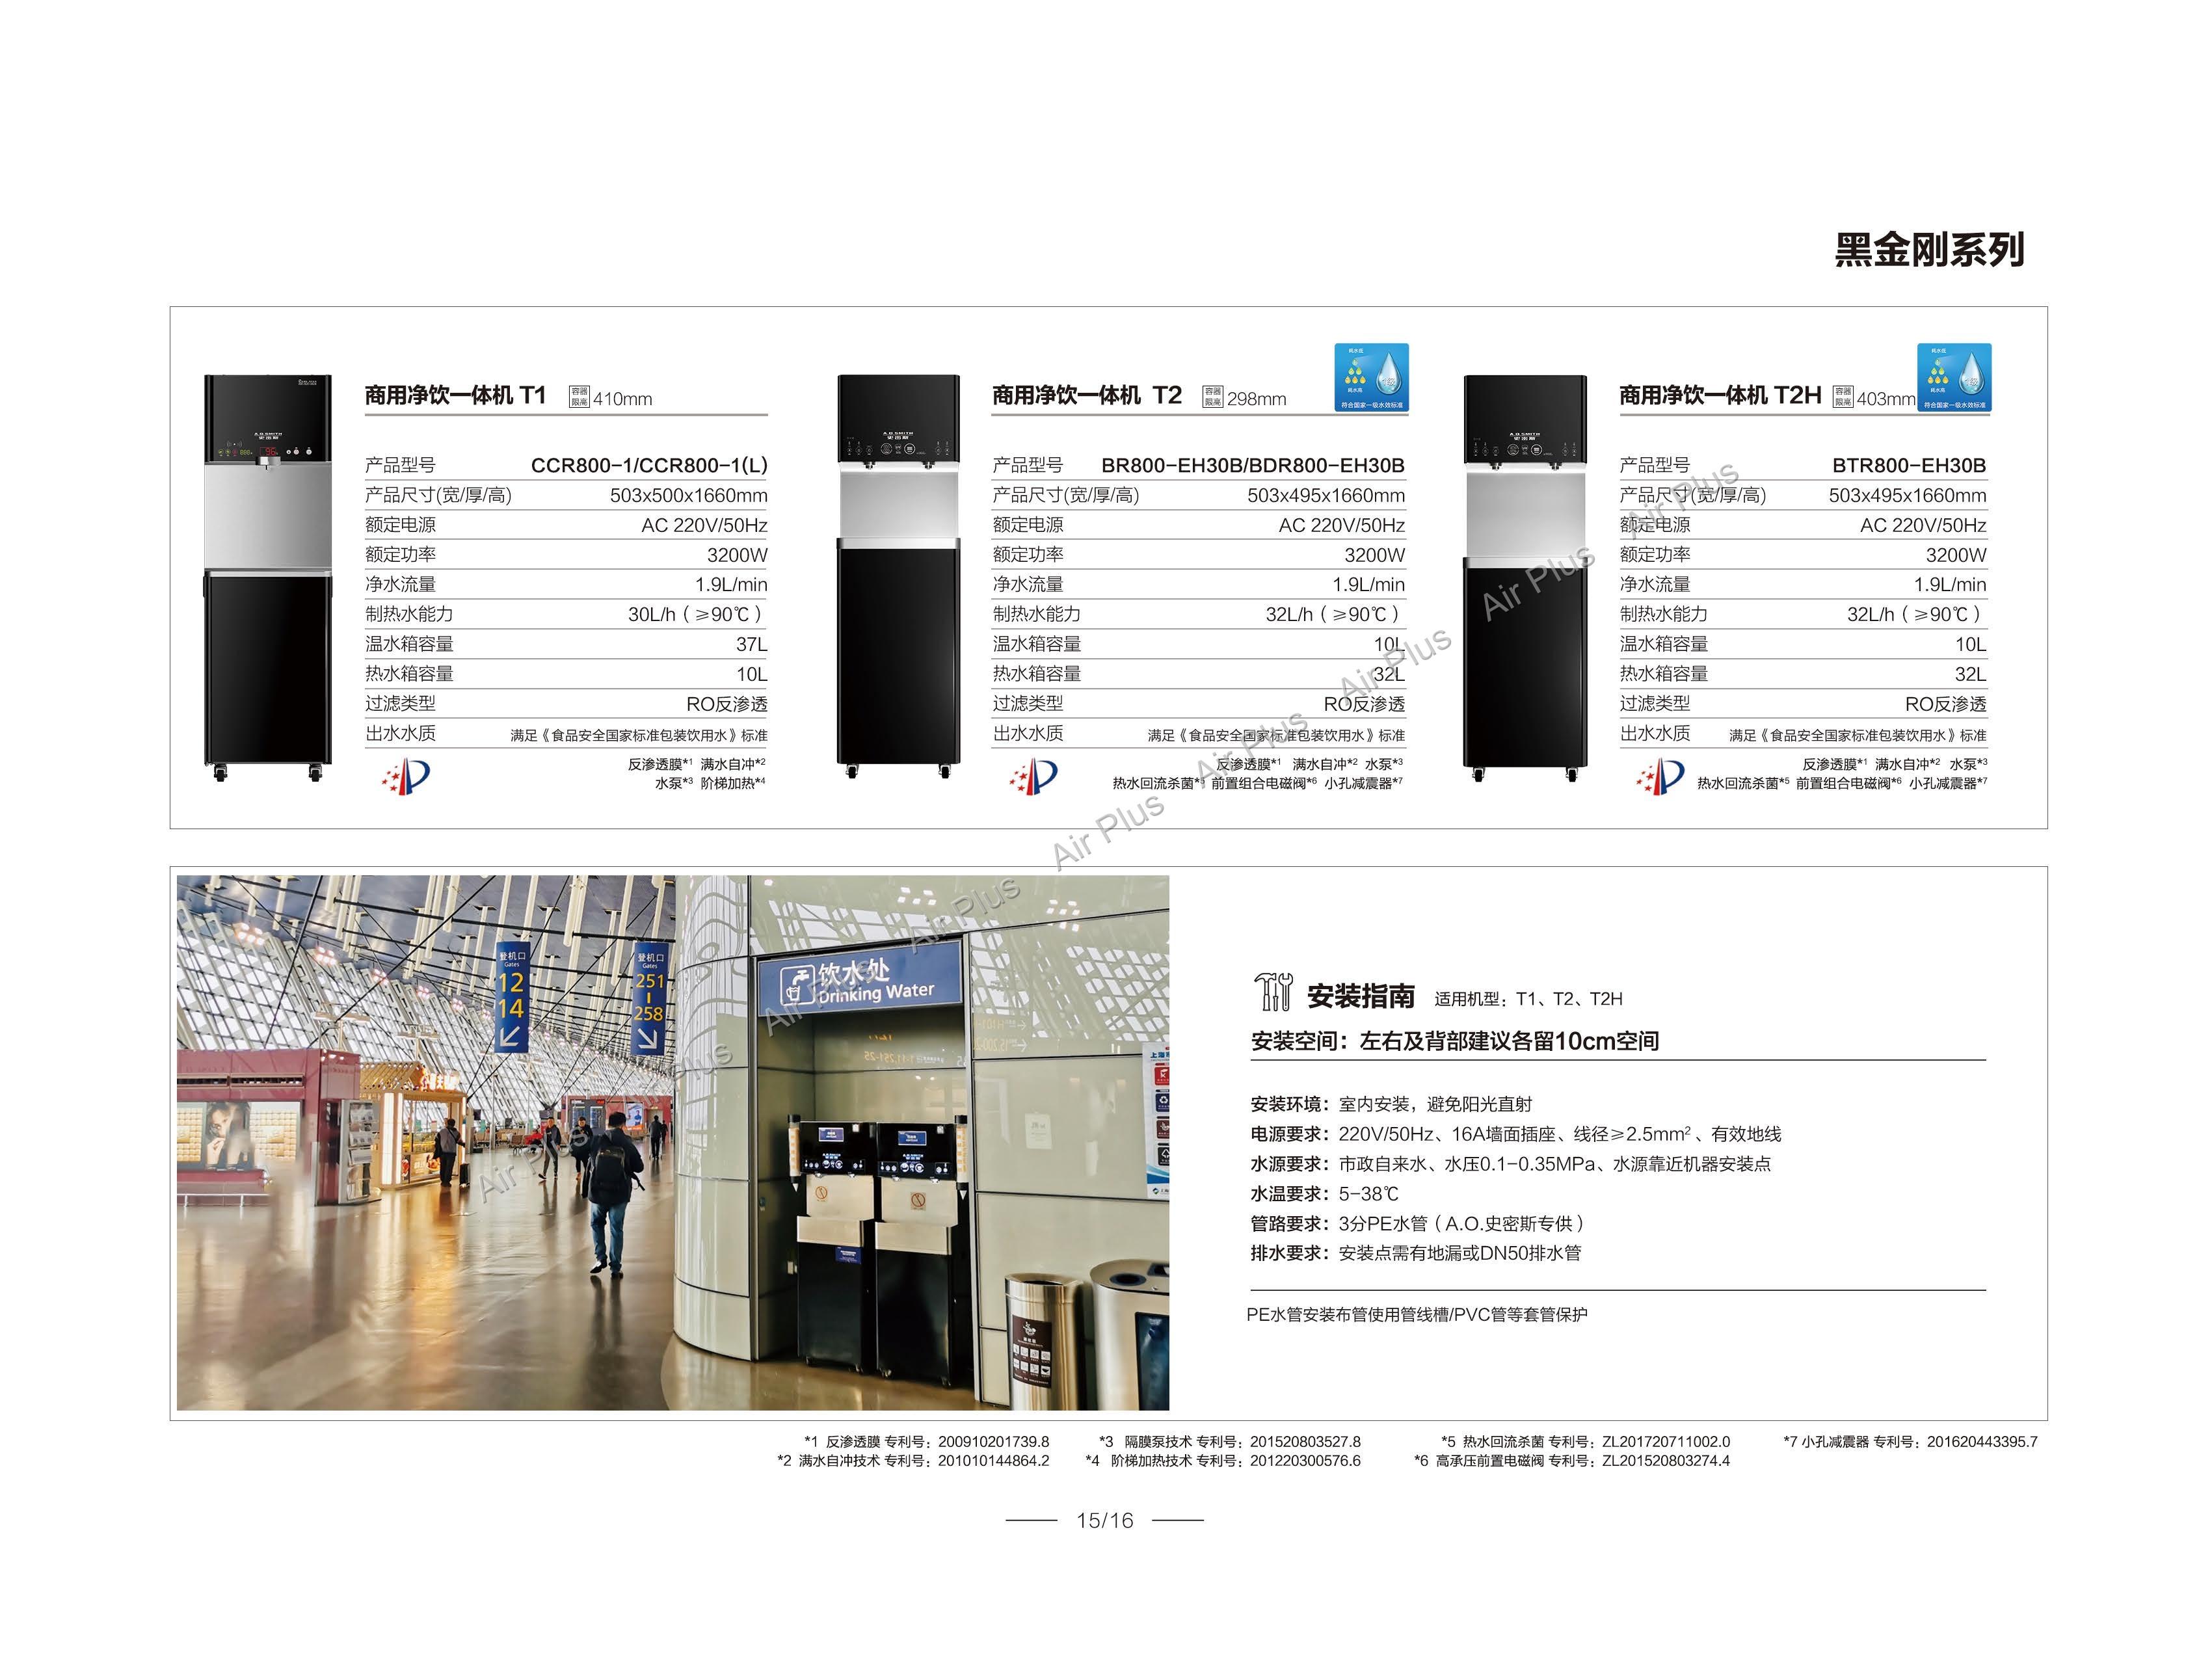 A.O.SMITH商用净水产品手册 手机端(1)_页面_17.jpg